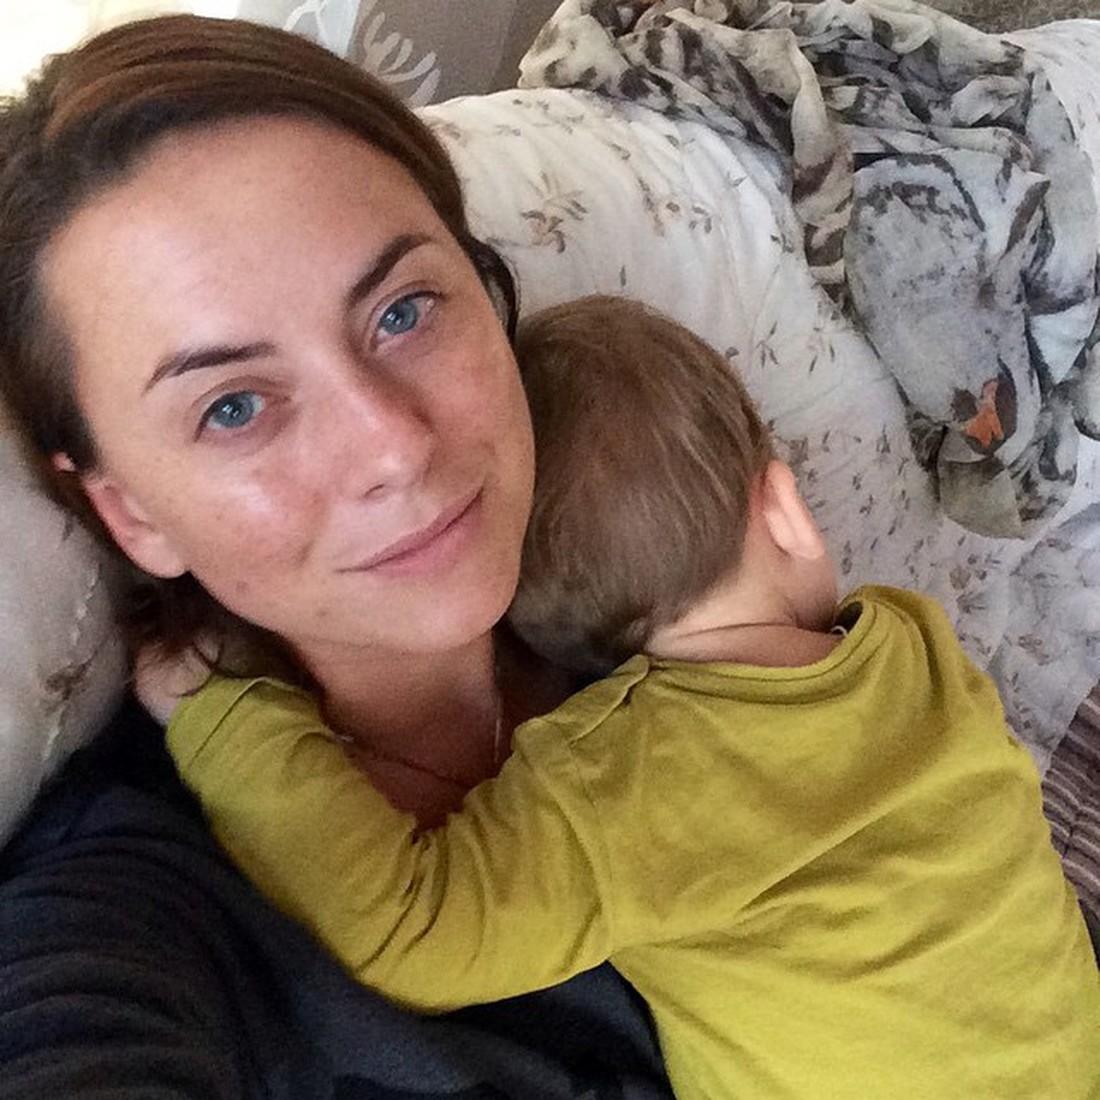 Сестра Жанны Фриске рассказала о скандале с Дмитрием Шепелевым